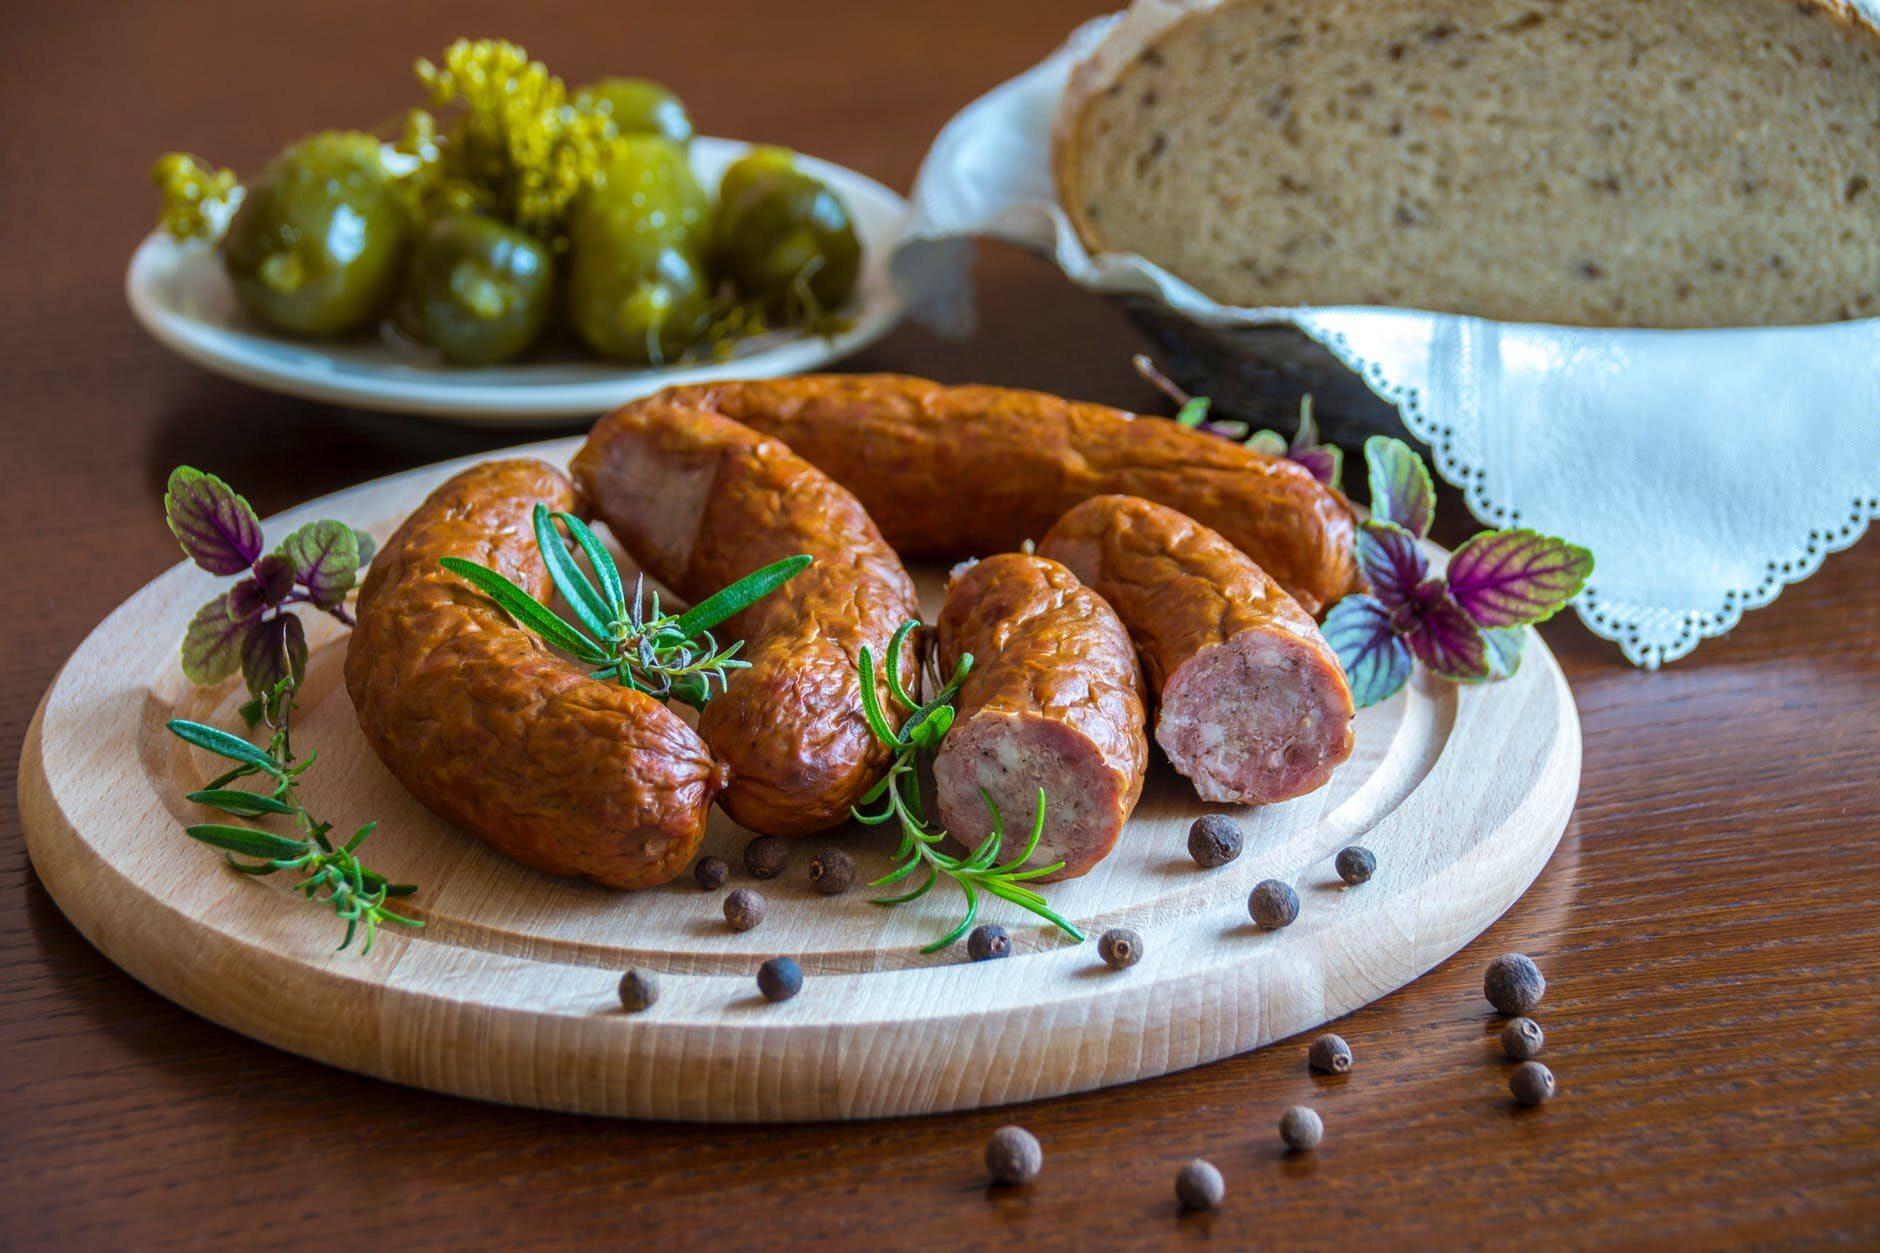 Kiełbasa – przetworzony produkt mięsny